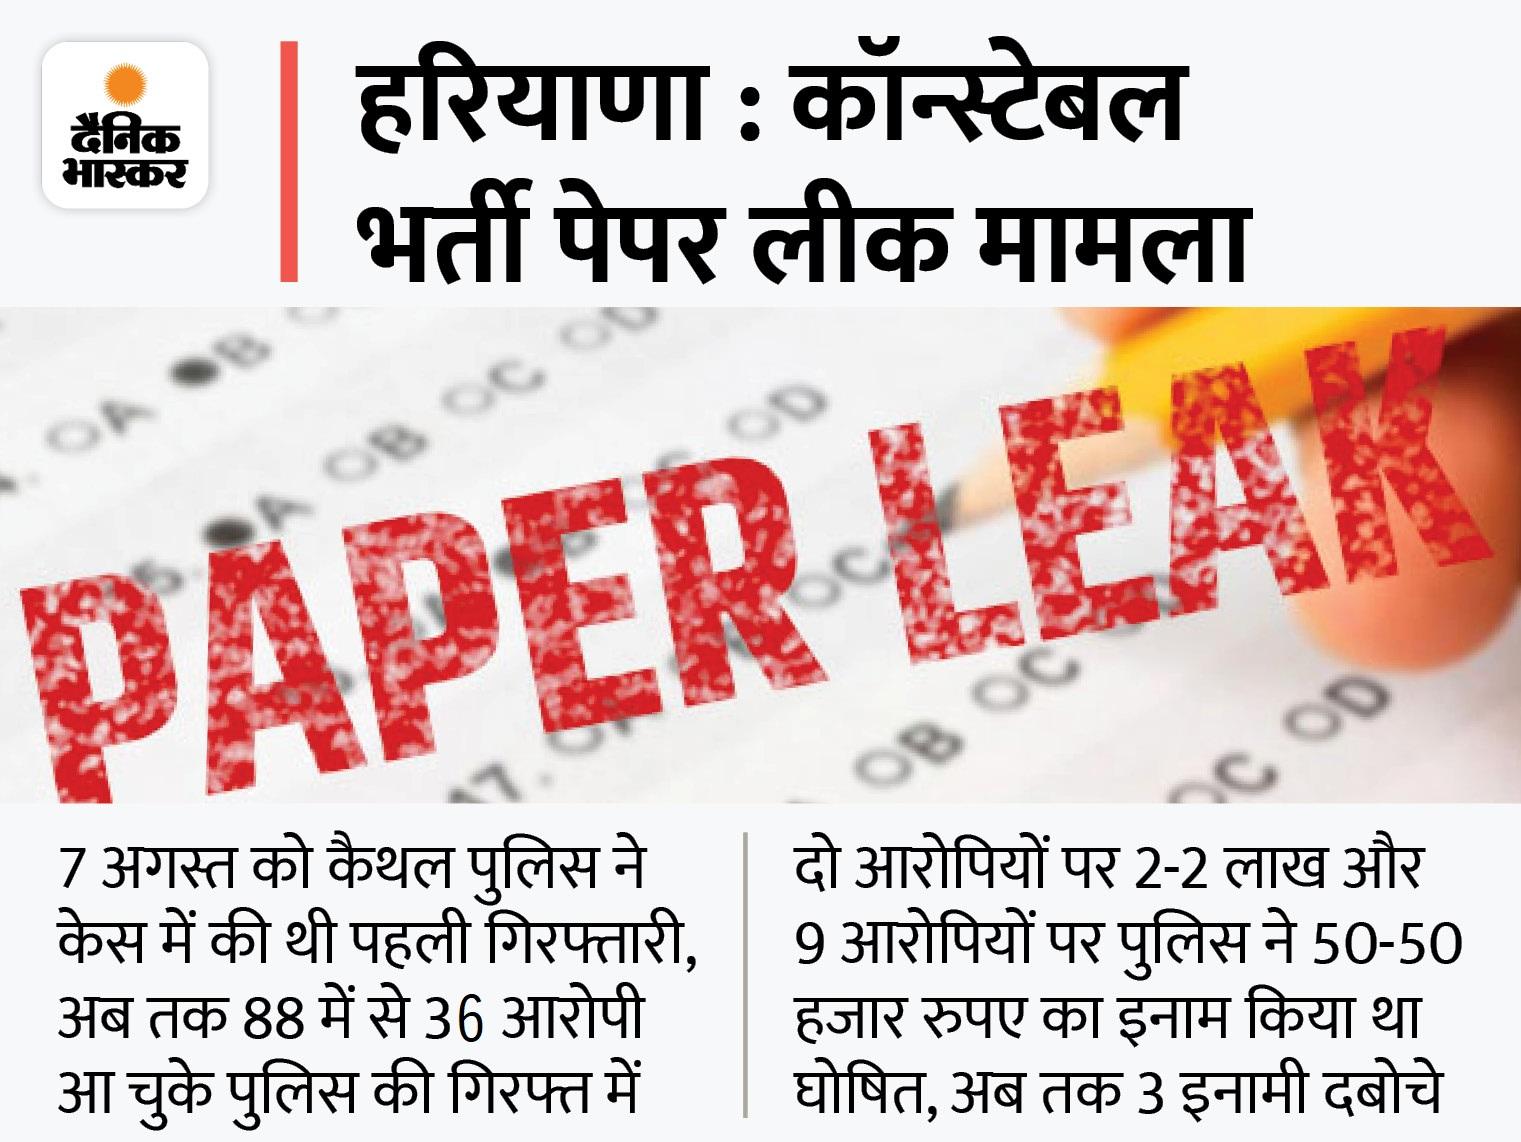 50-50 हजार रुपए के 2 इनामी गिरफ्तार; रोहतक के वेदप्रकाश ने एक करोड़ में खरीदा था पेपर, हिसार का प्रदीप पेपर आउट करवाने के लिए हुई मीटिंग में पहुंचा था|करनाल,Karnal - Dainik Bhaskar